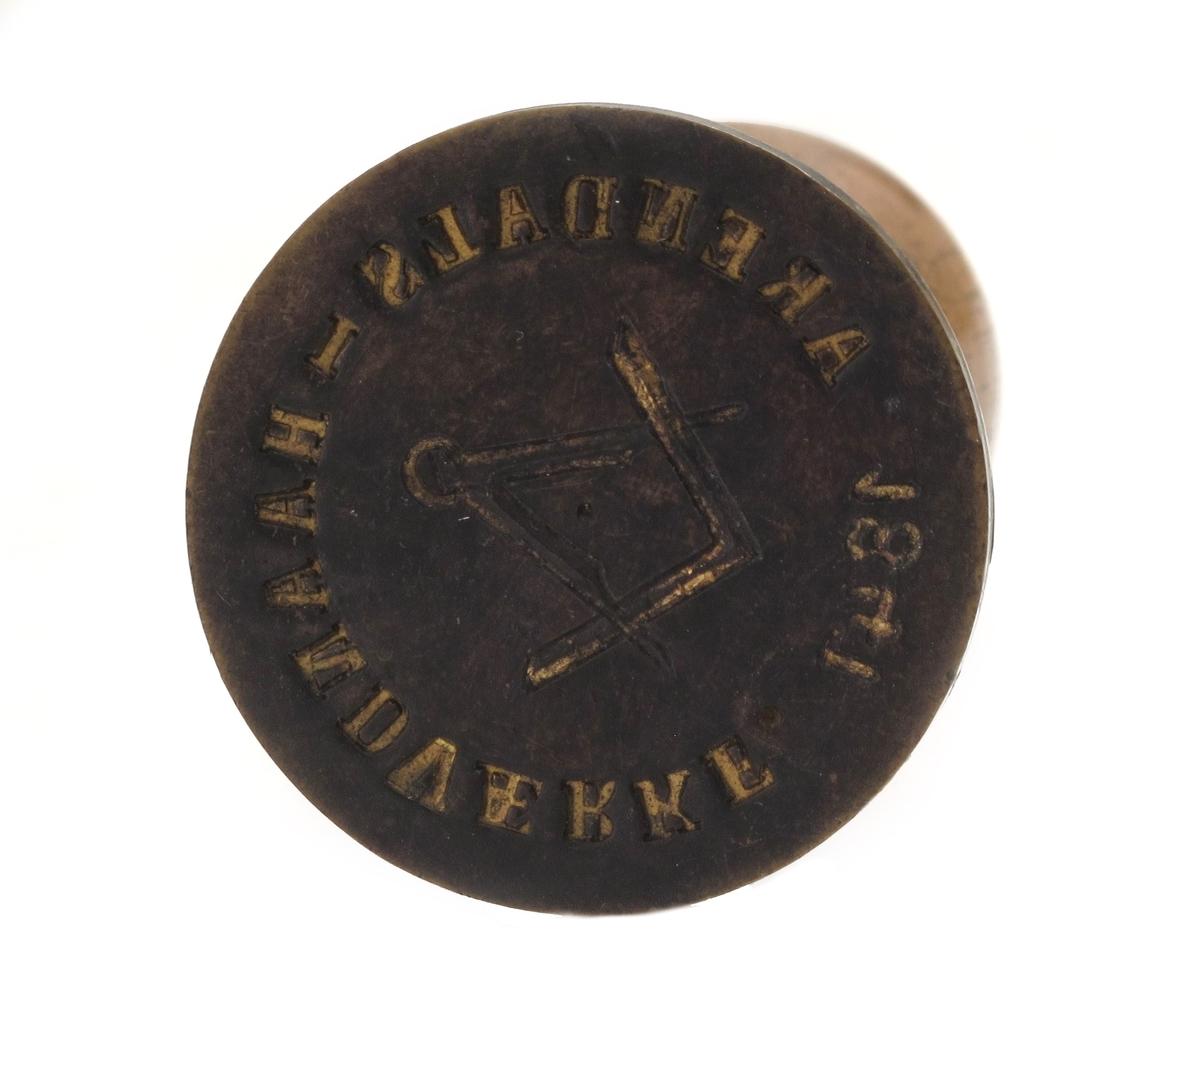 Signet, fra Arendals Haandværkf. stiftet 1847. Dreiet håndtak, bøk, polert. Signet messing, sirkelrundt,  inngravert tekst  som ovenfor langs kanten, passer og  vinkelmål i midten. Preget forgylt.